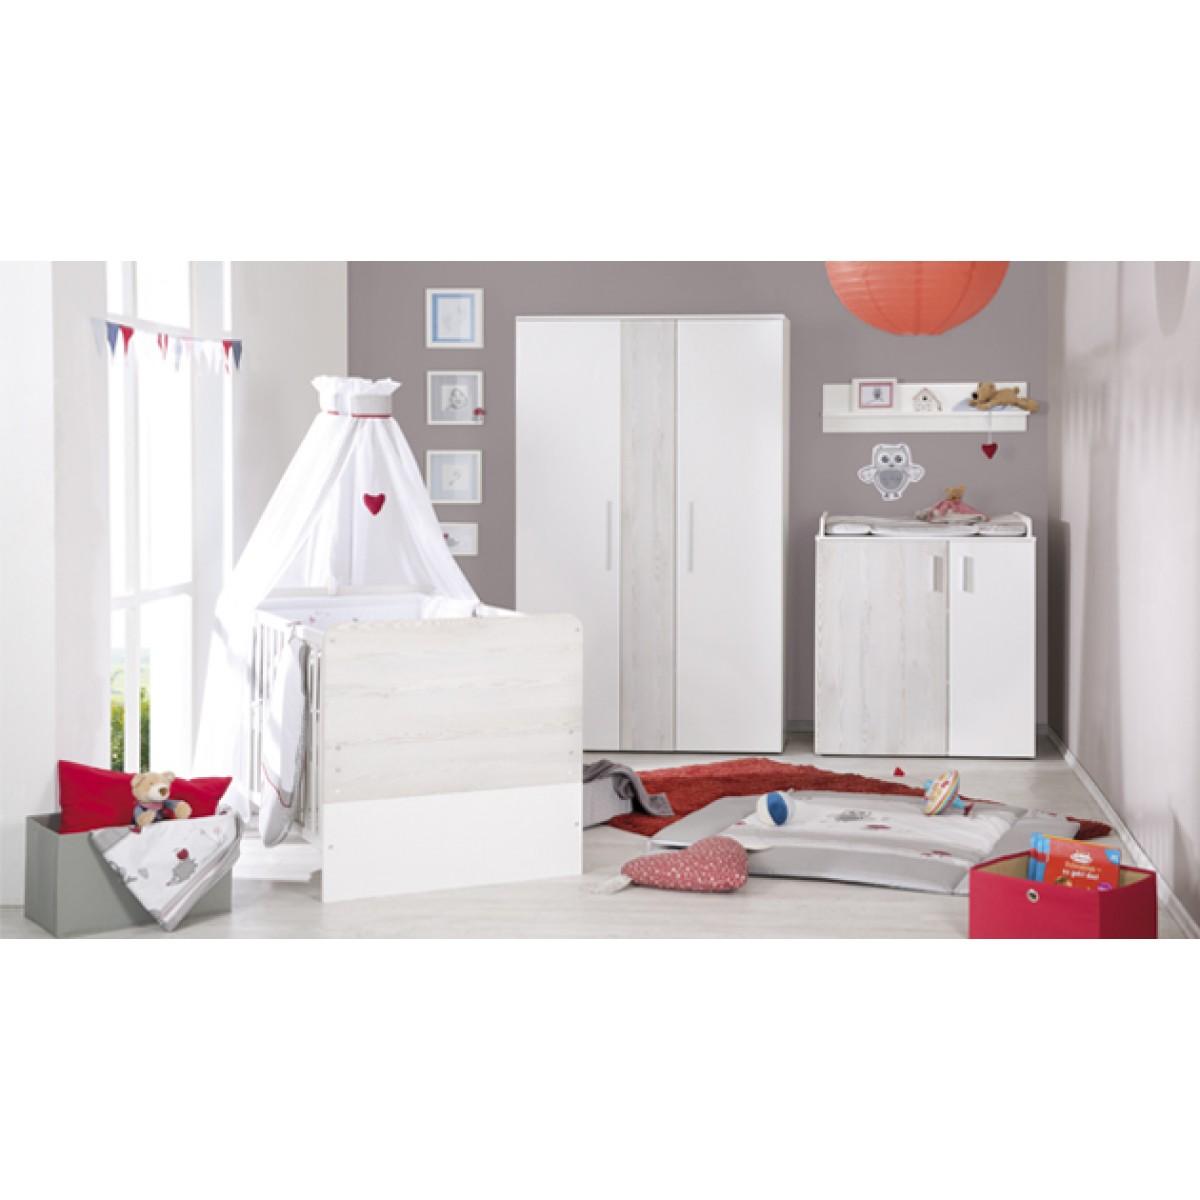 roba kinderzimmer alenja. Black Bedroom Furniture Sets. Home Design Ideas